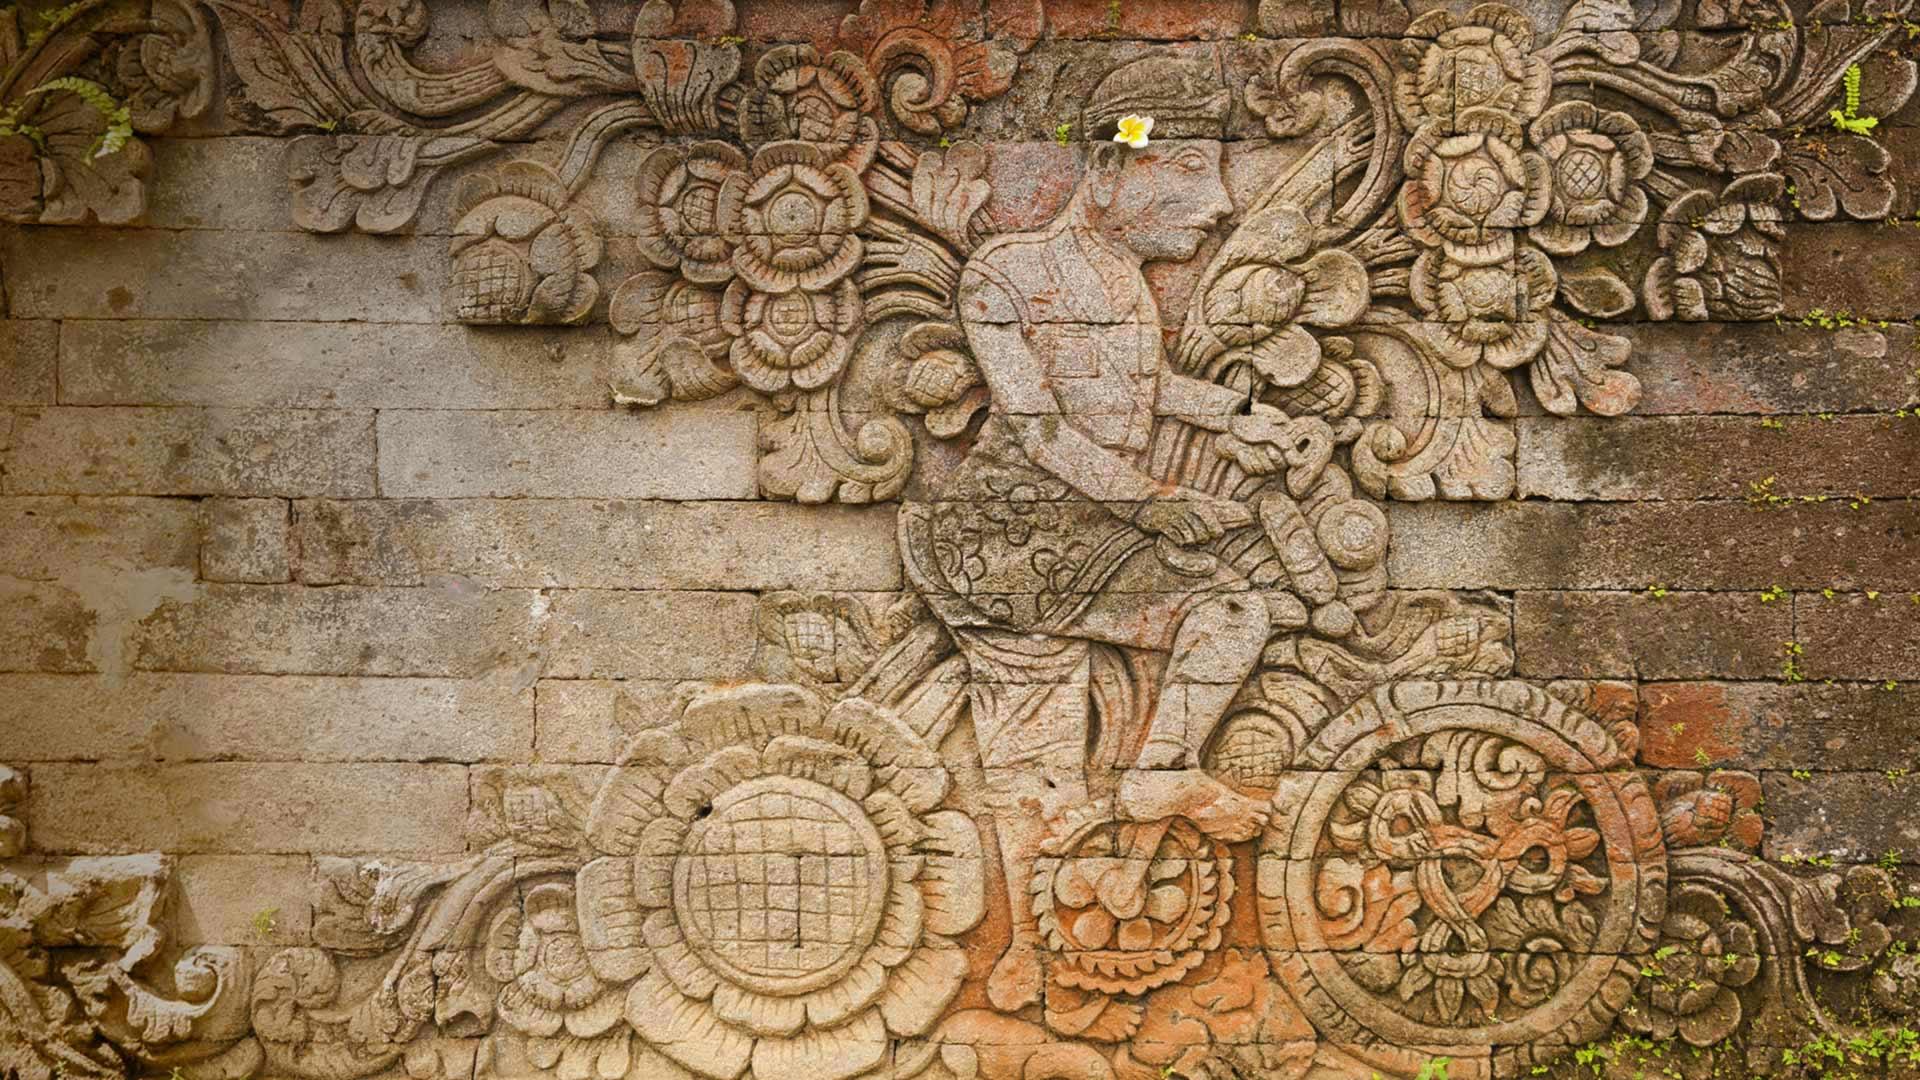 「マドゥイカラン寺院のレリーフ」インドネシア, バリ (© John Elk III/Getty Images)